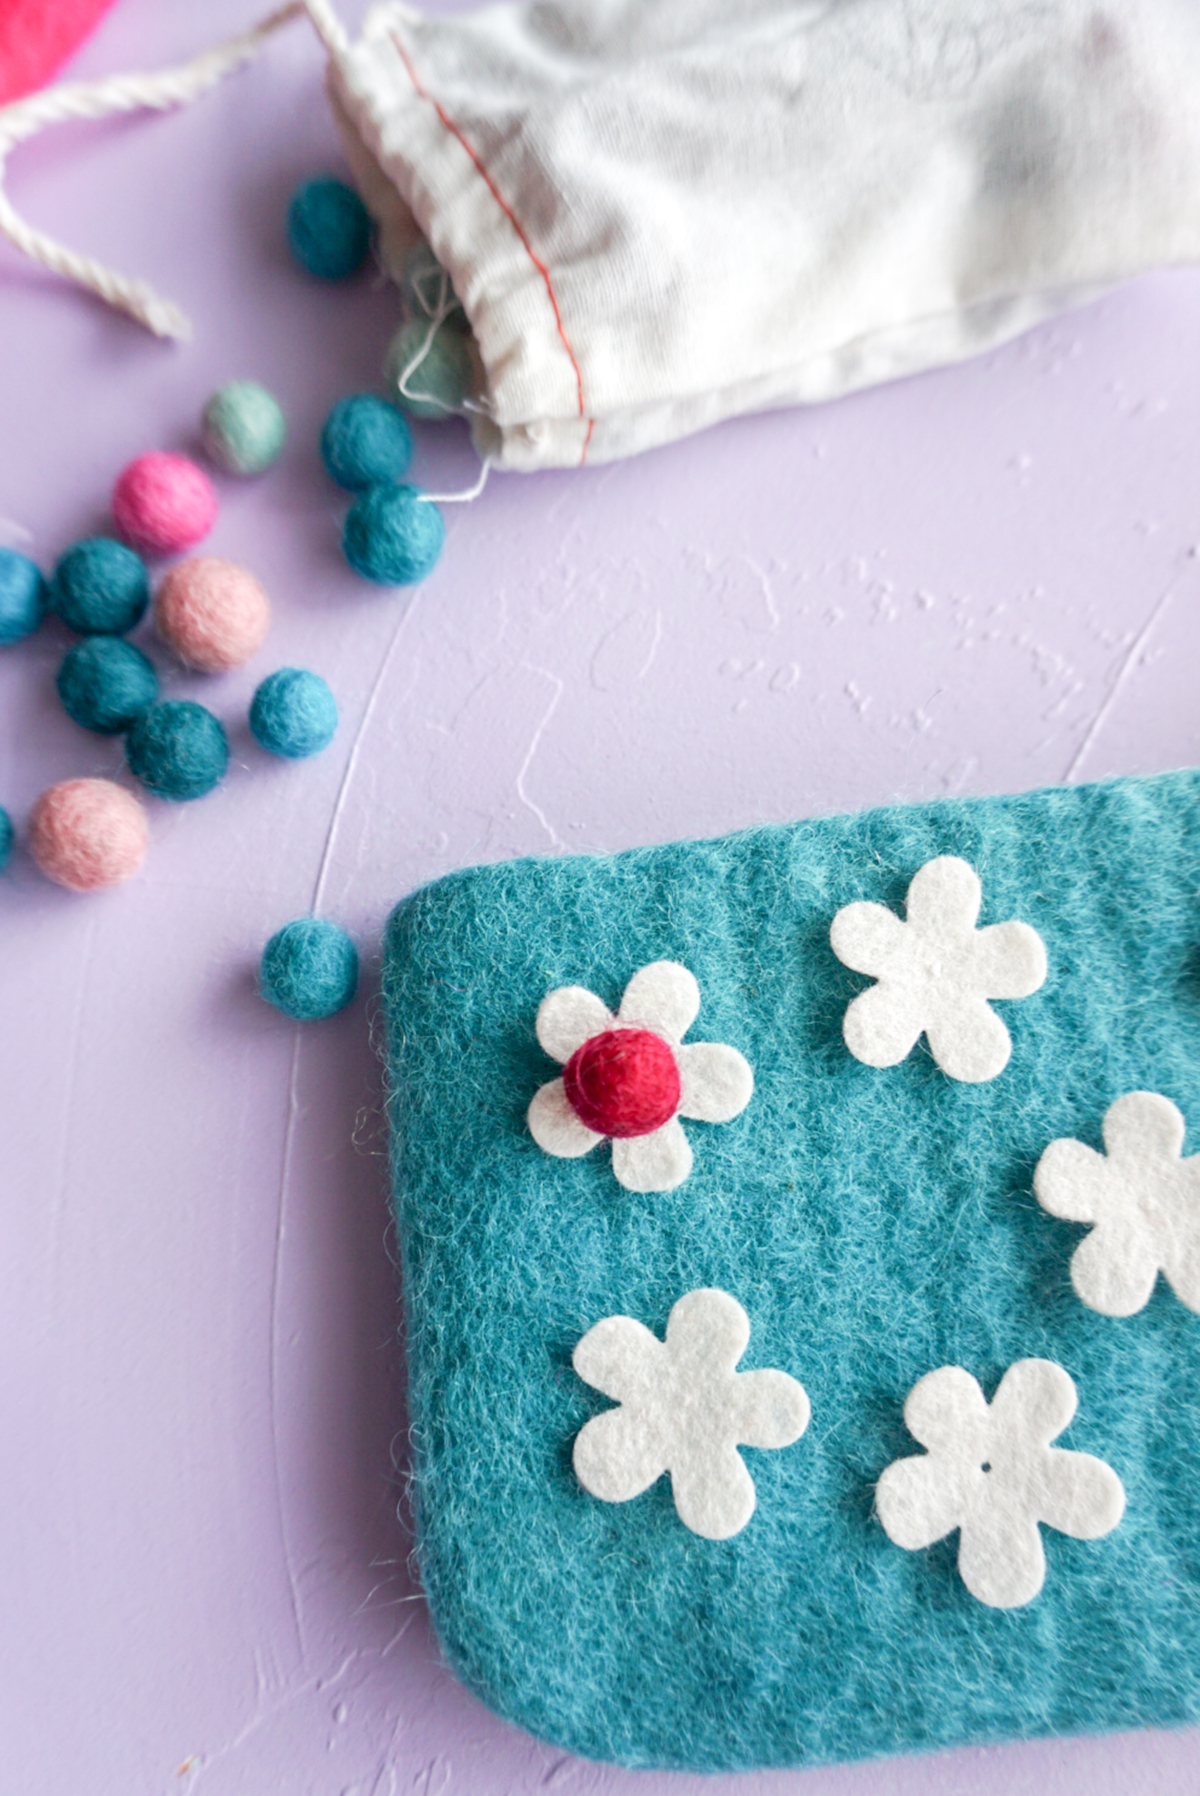 felt flowers on a felt pouch